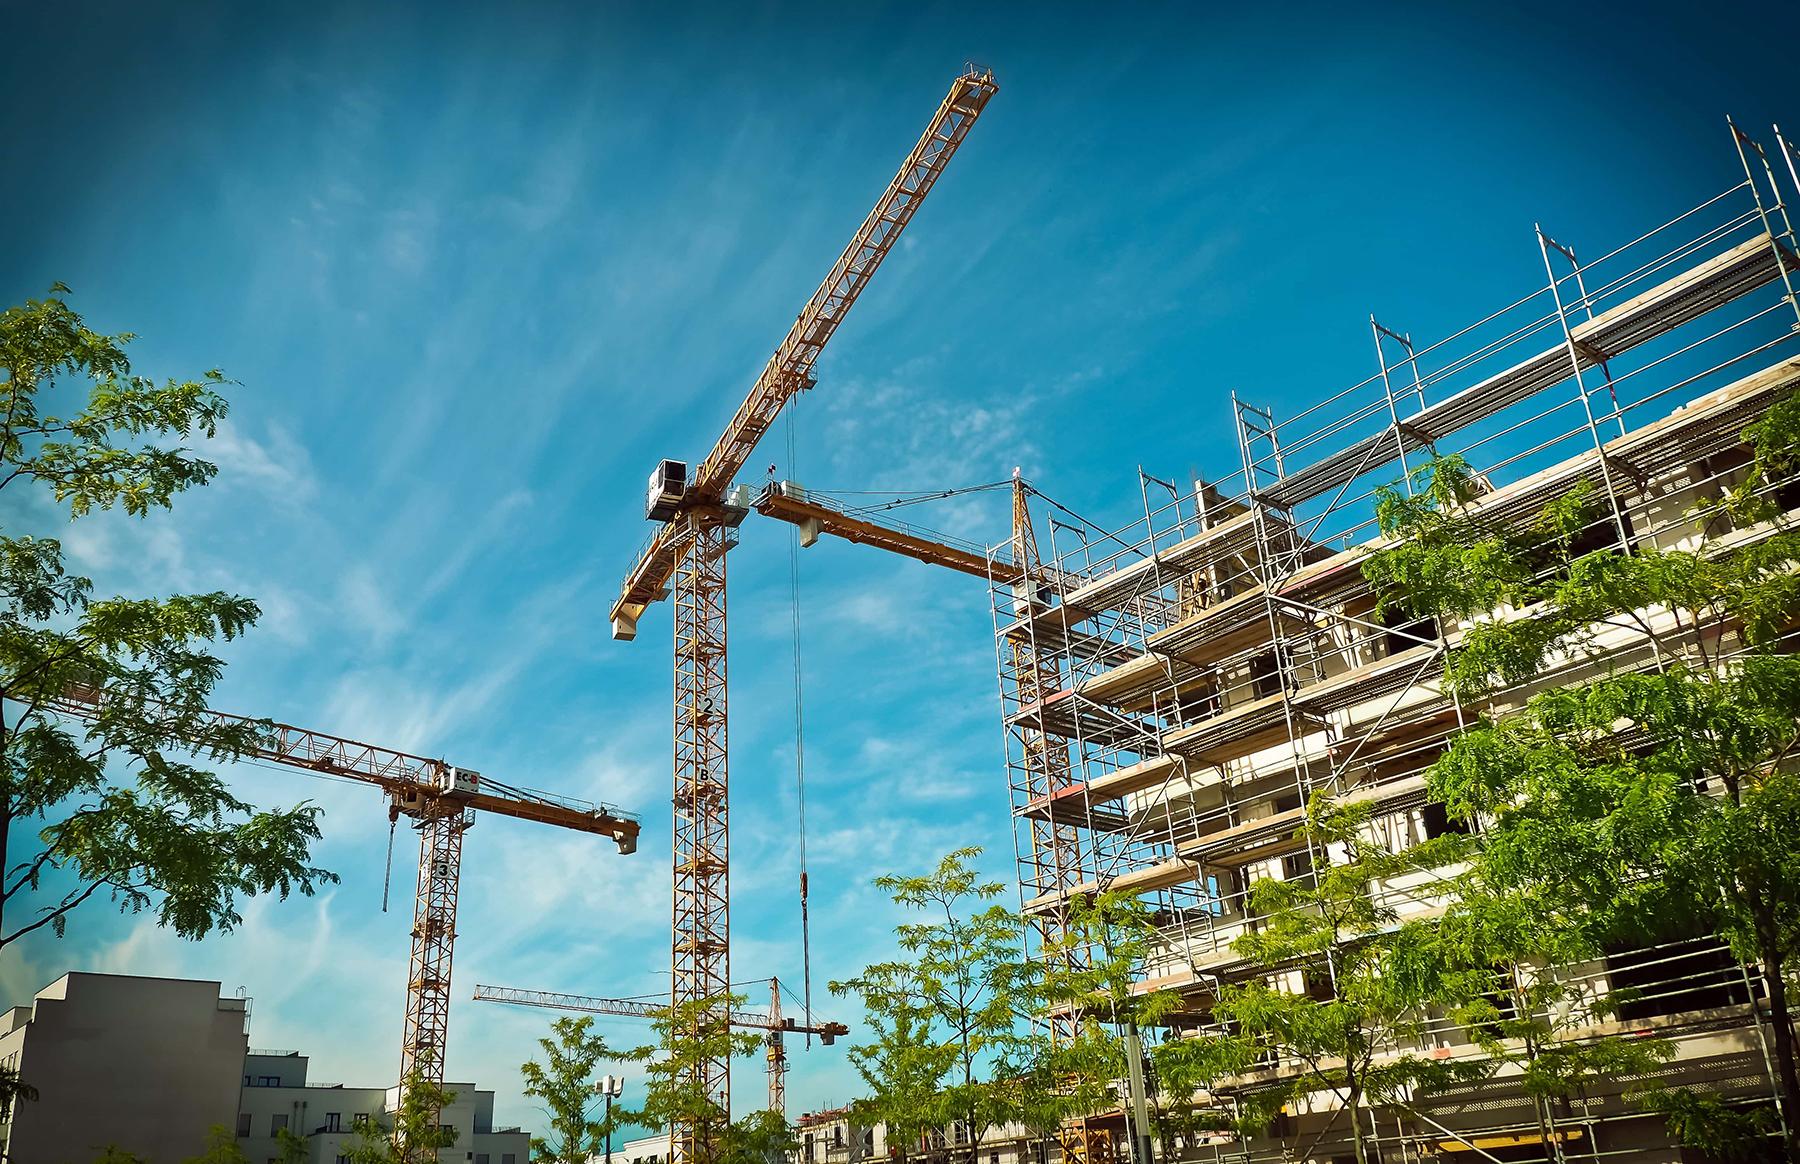 El Gobierno continúa negociando con los ayuntamientos la cesión de suelo municipal para edificar vivienda